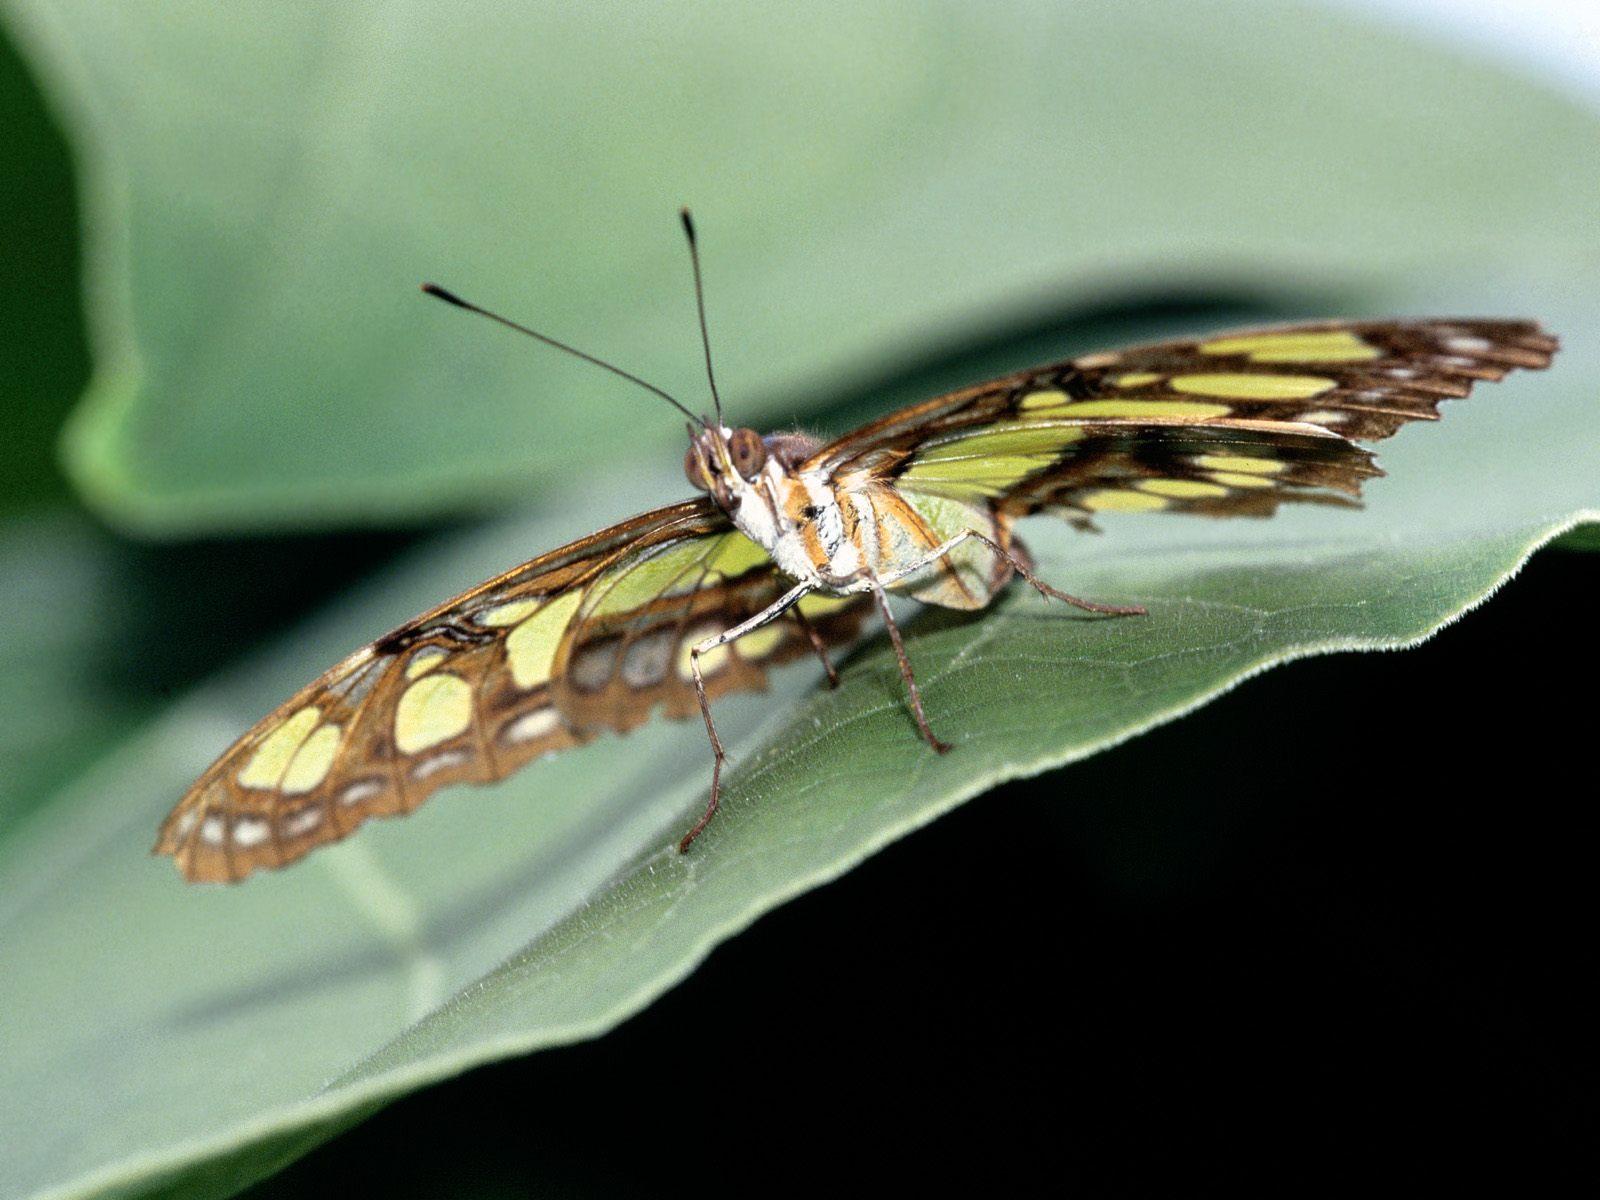 Butterfly Wallpapers, gambar kupu-kupu